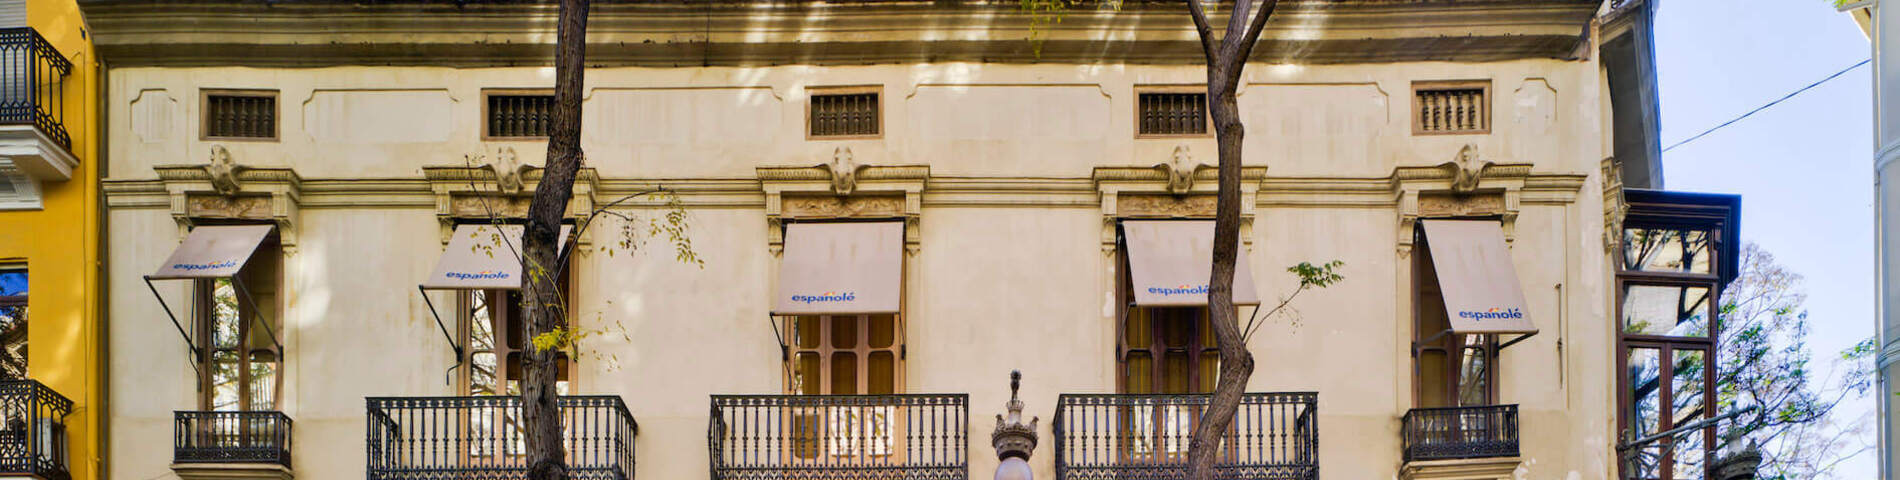 Españole International House photo 1